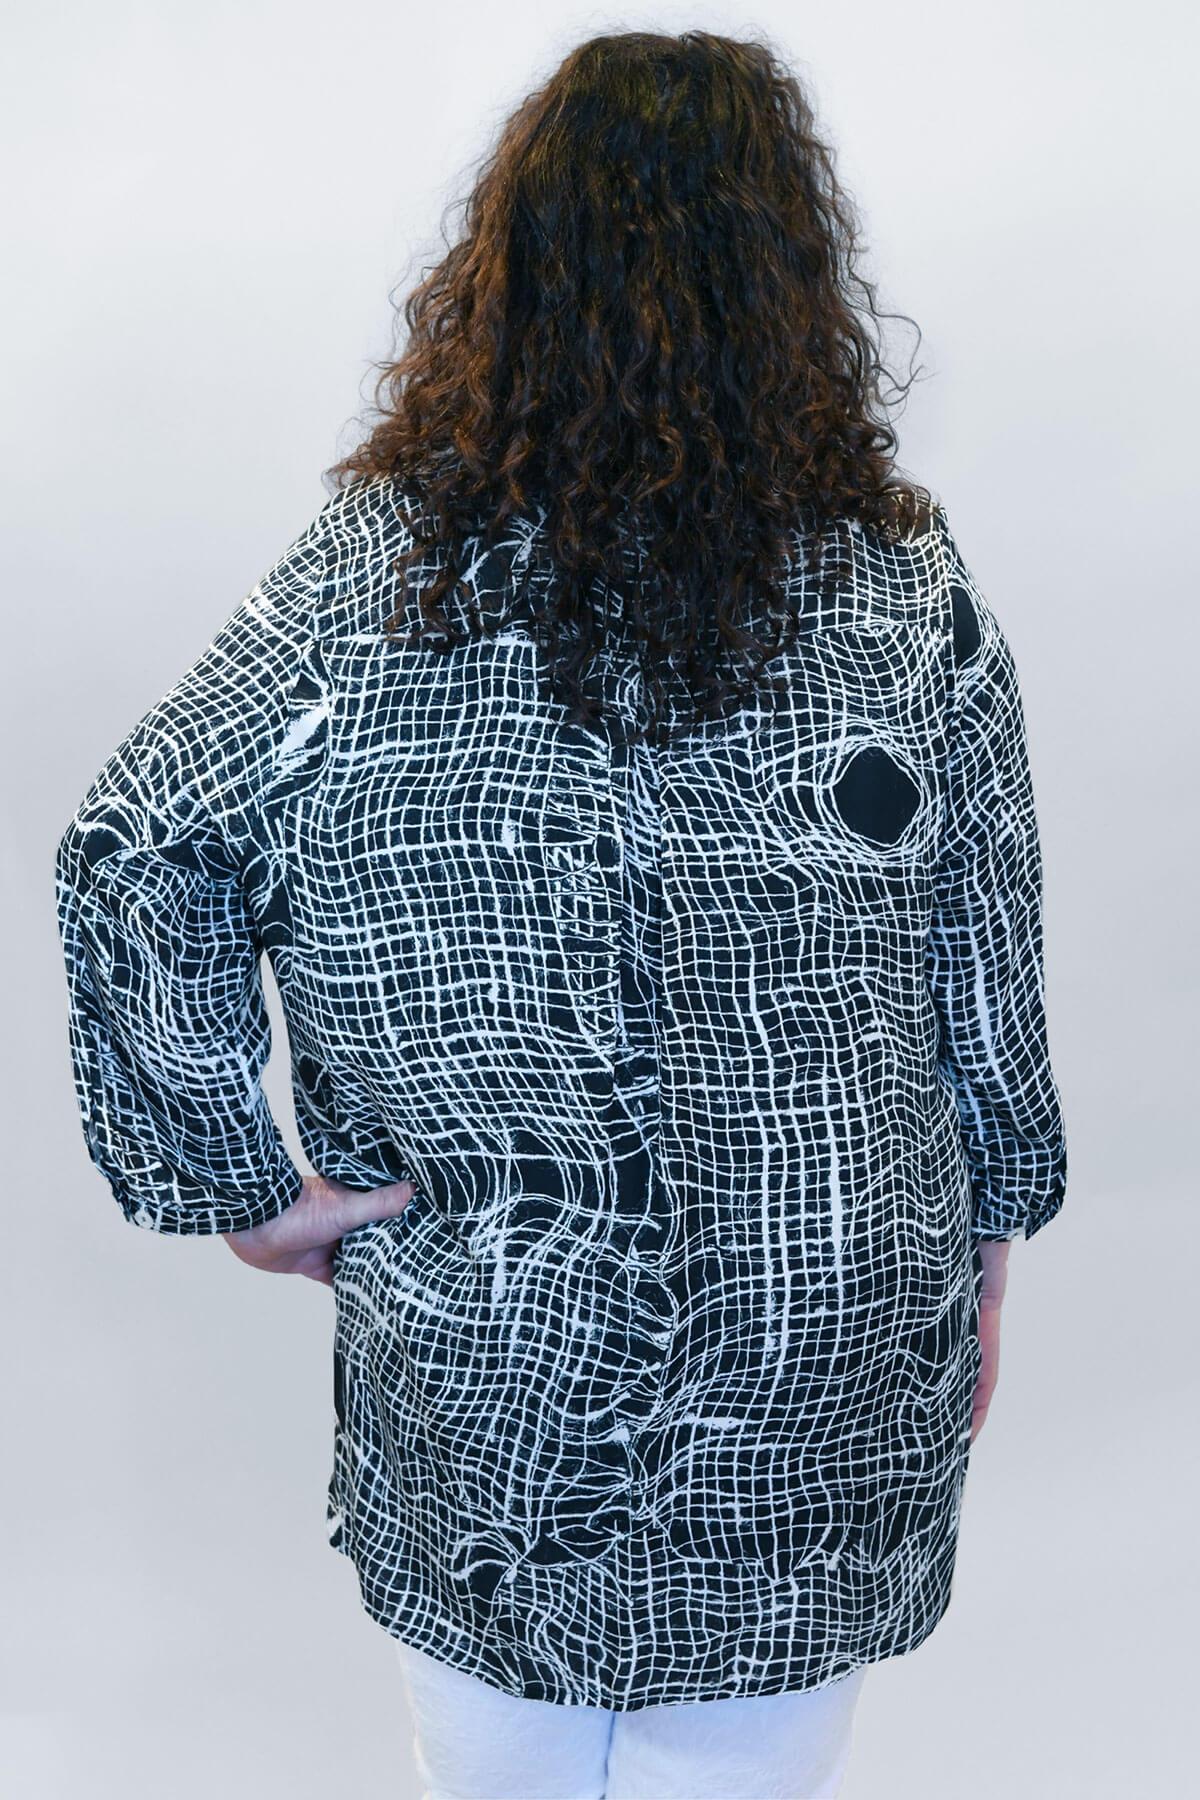 KJ Brand swirl shirt